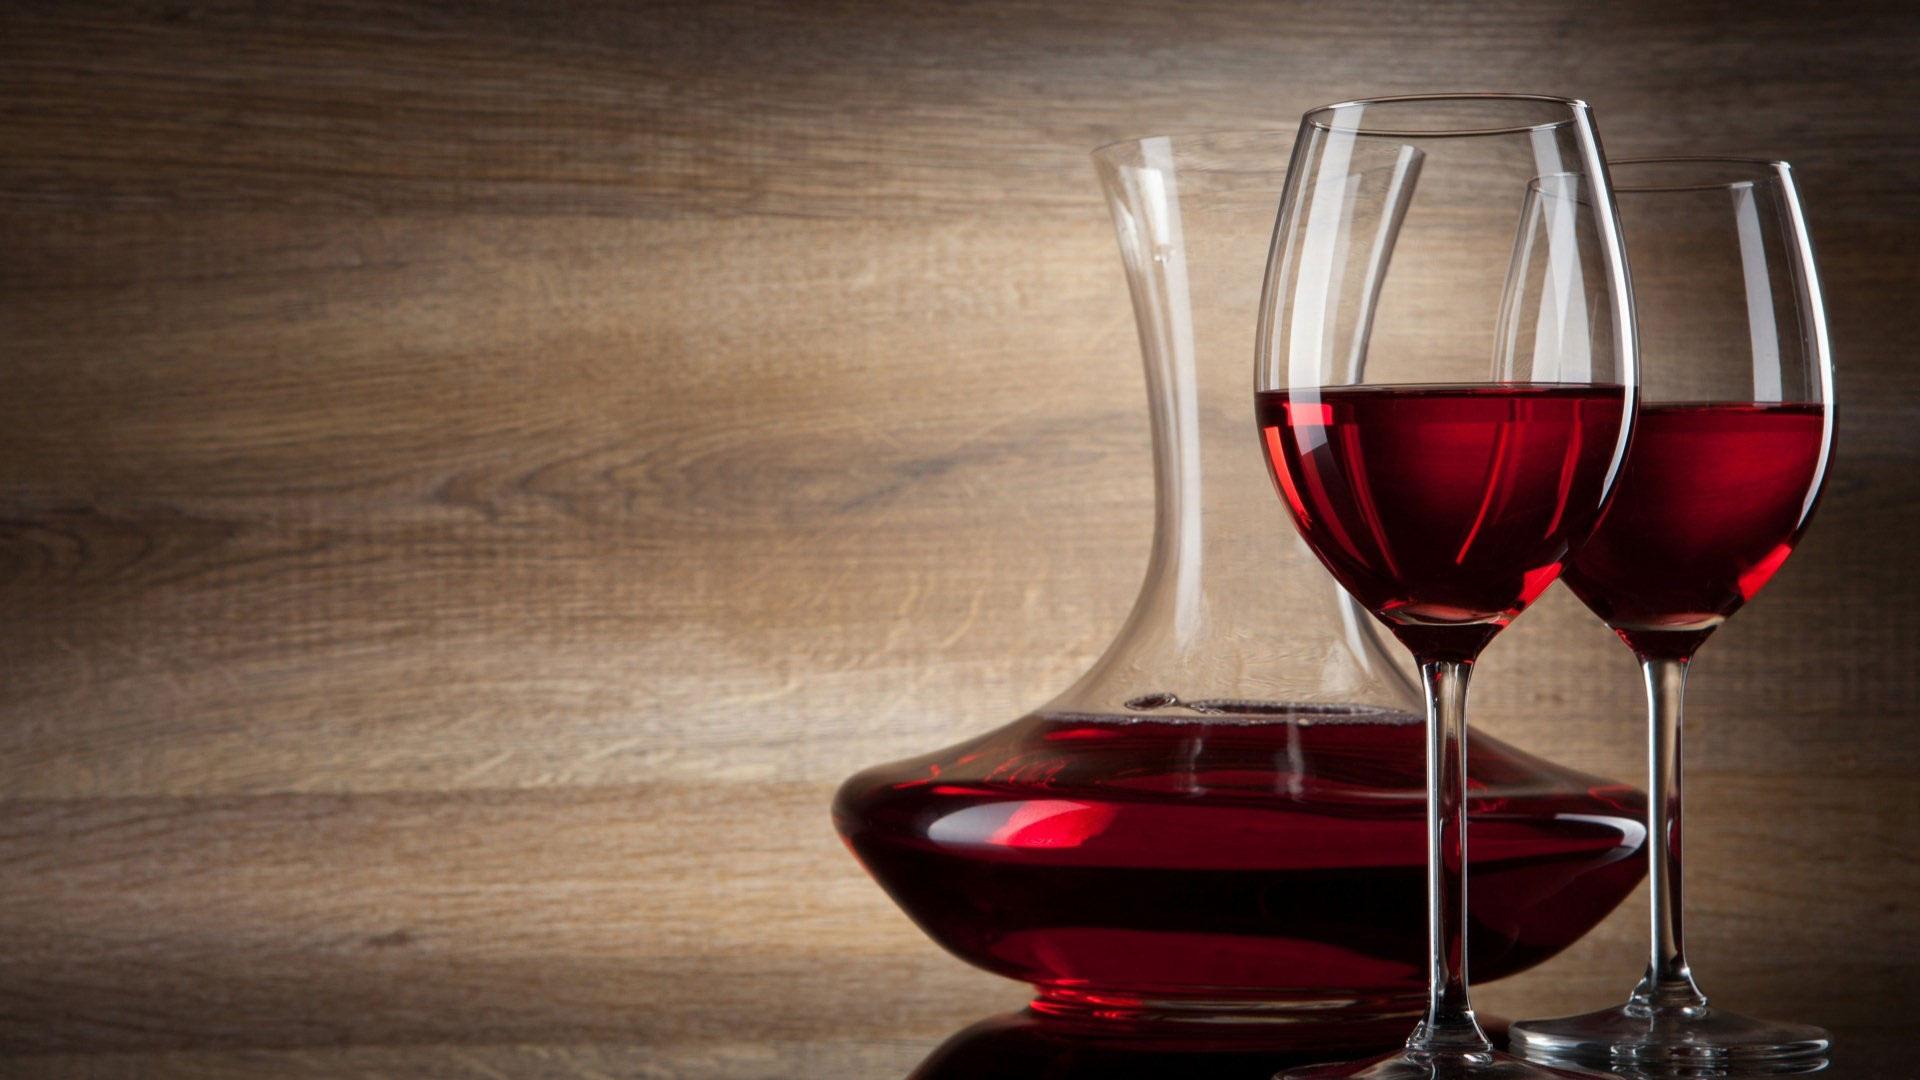 valentines day wine dinner - Valentines Day Wine